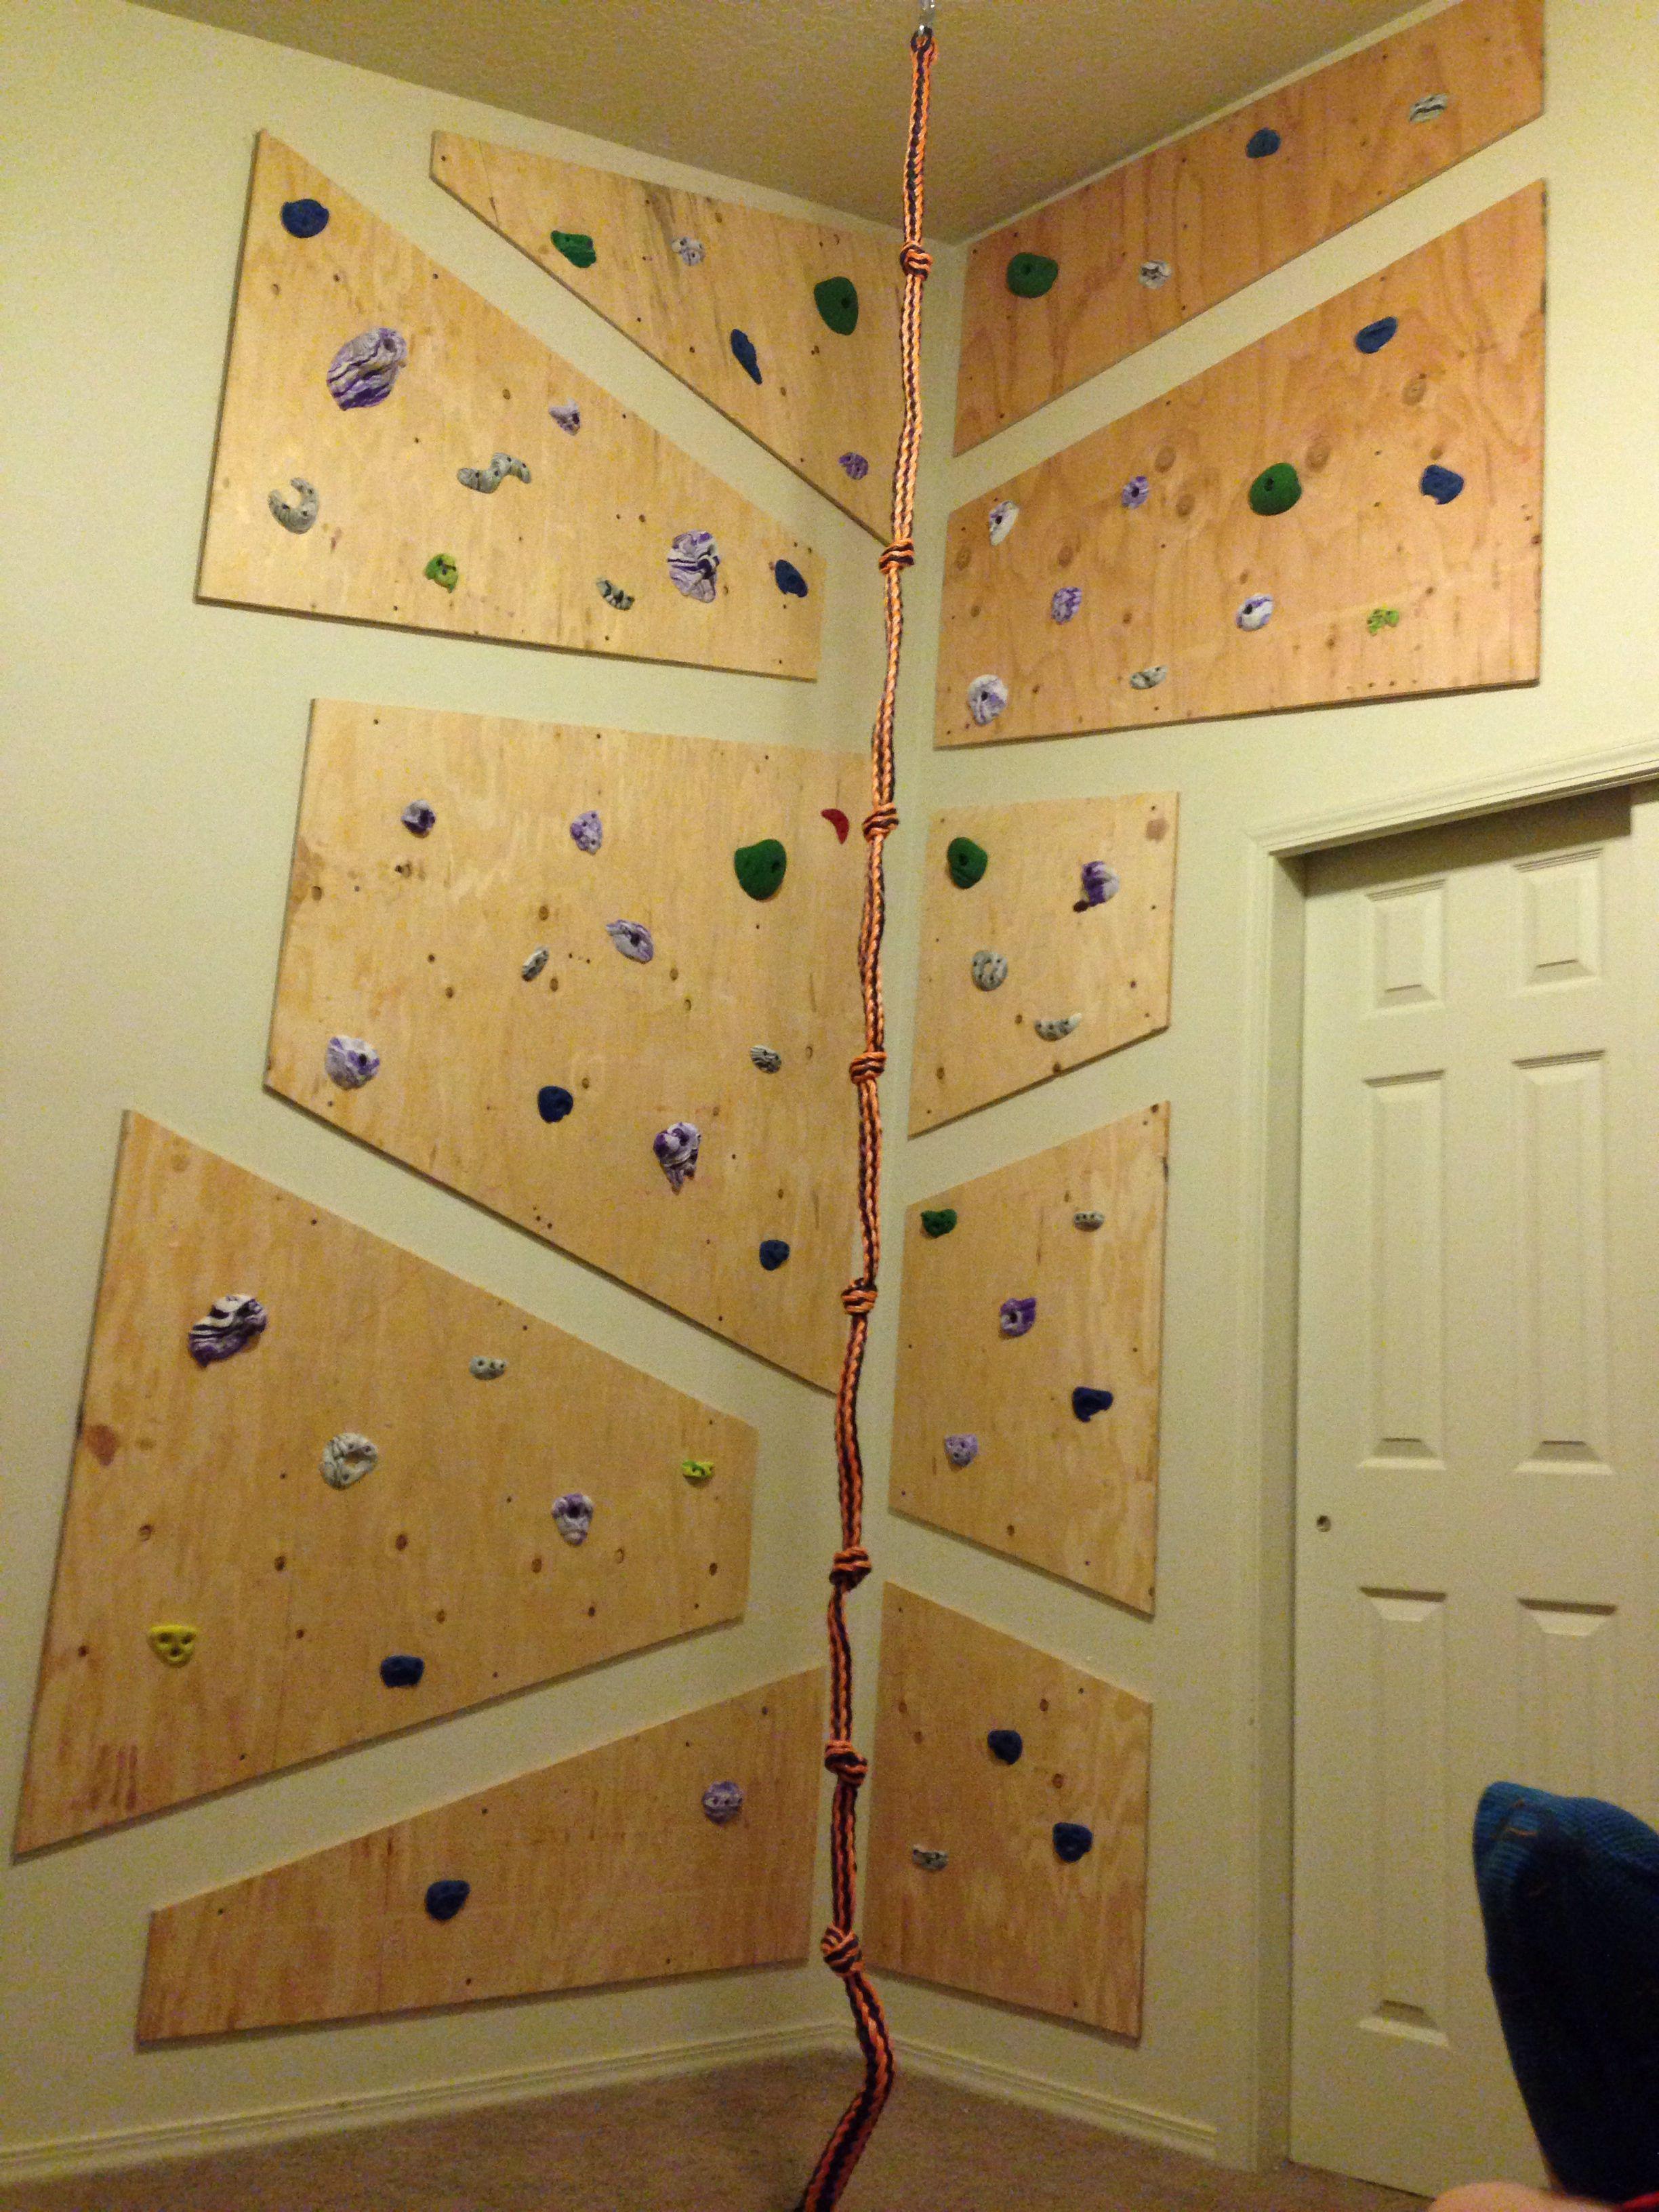 Kids bedroom rock wall | home | Pinterest | Rock, Bedrooms and Walls